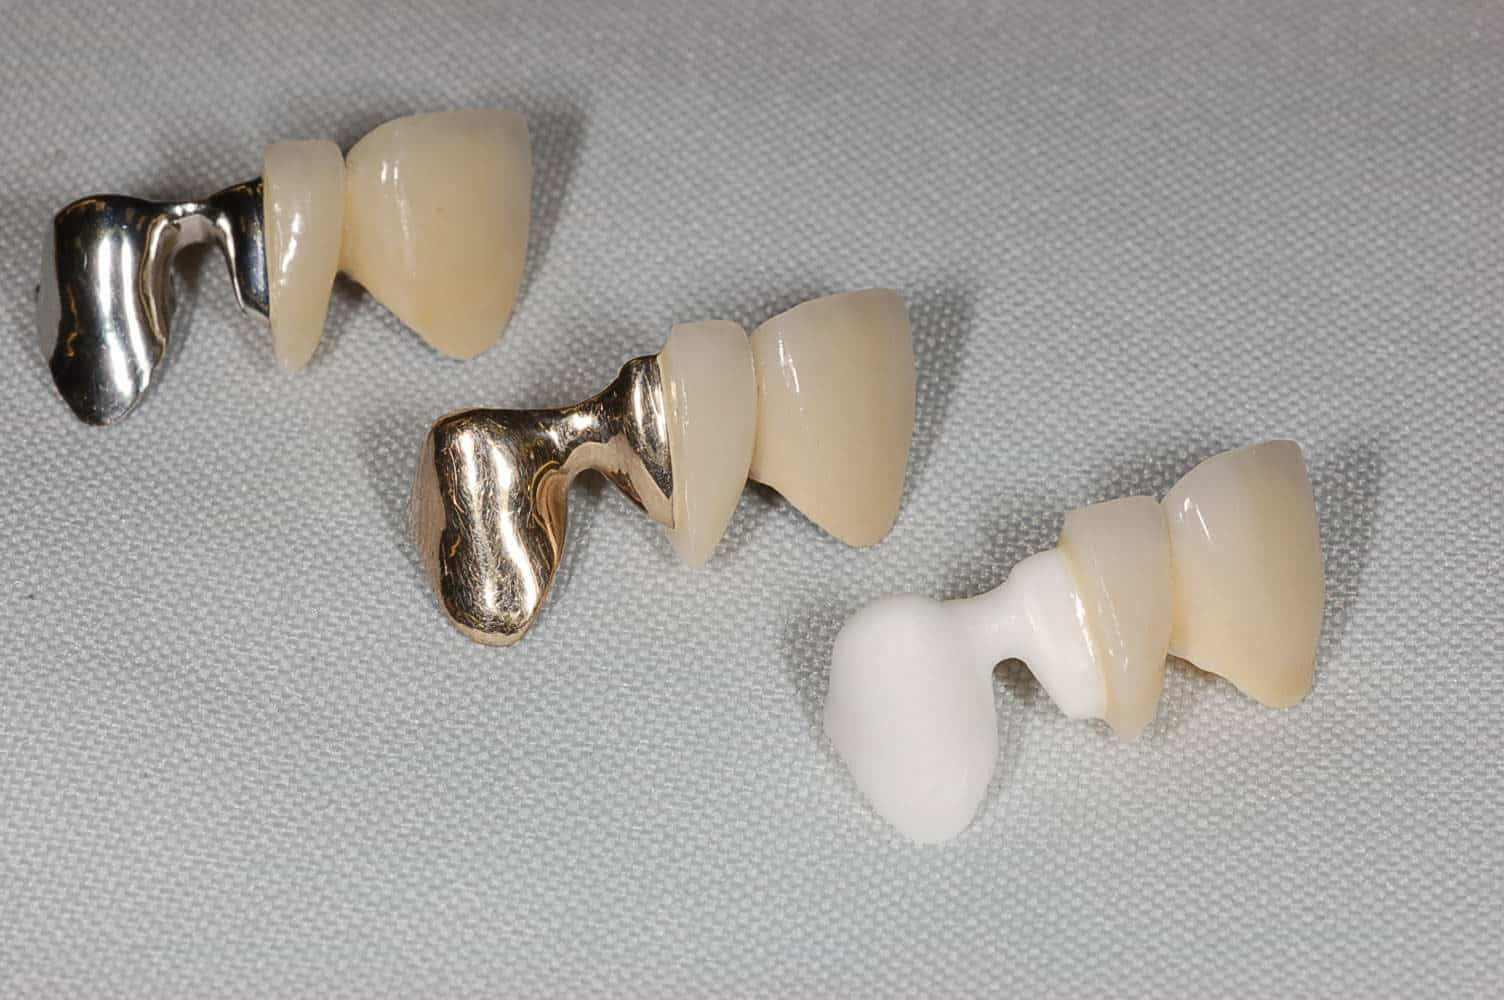 на фотографии три мостовидных протеза замещающих группу зубов: два из них с металлическим каркасом, а третий (с каркасом белого цвета) сделан из диоксида циркония. Все протезы облицованы керамикой.